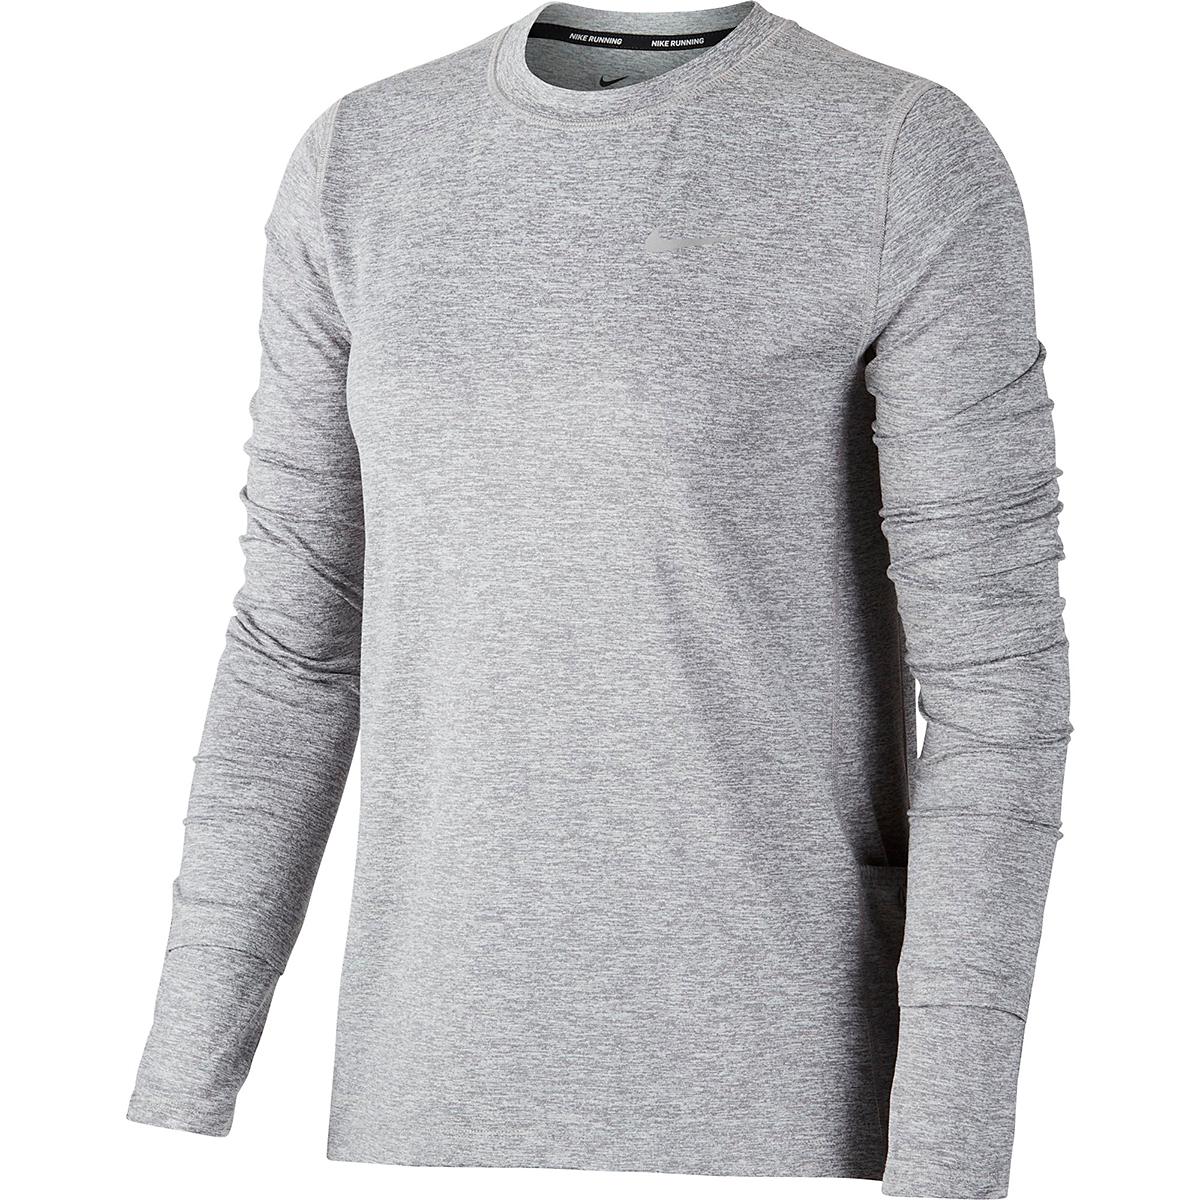 Women's Nike Element Crew Long Sleeve Shirt, , large, image 3